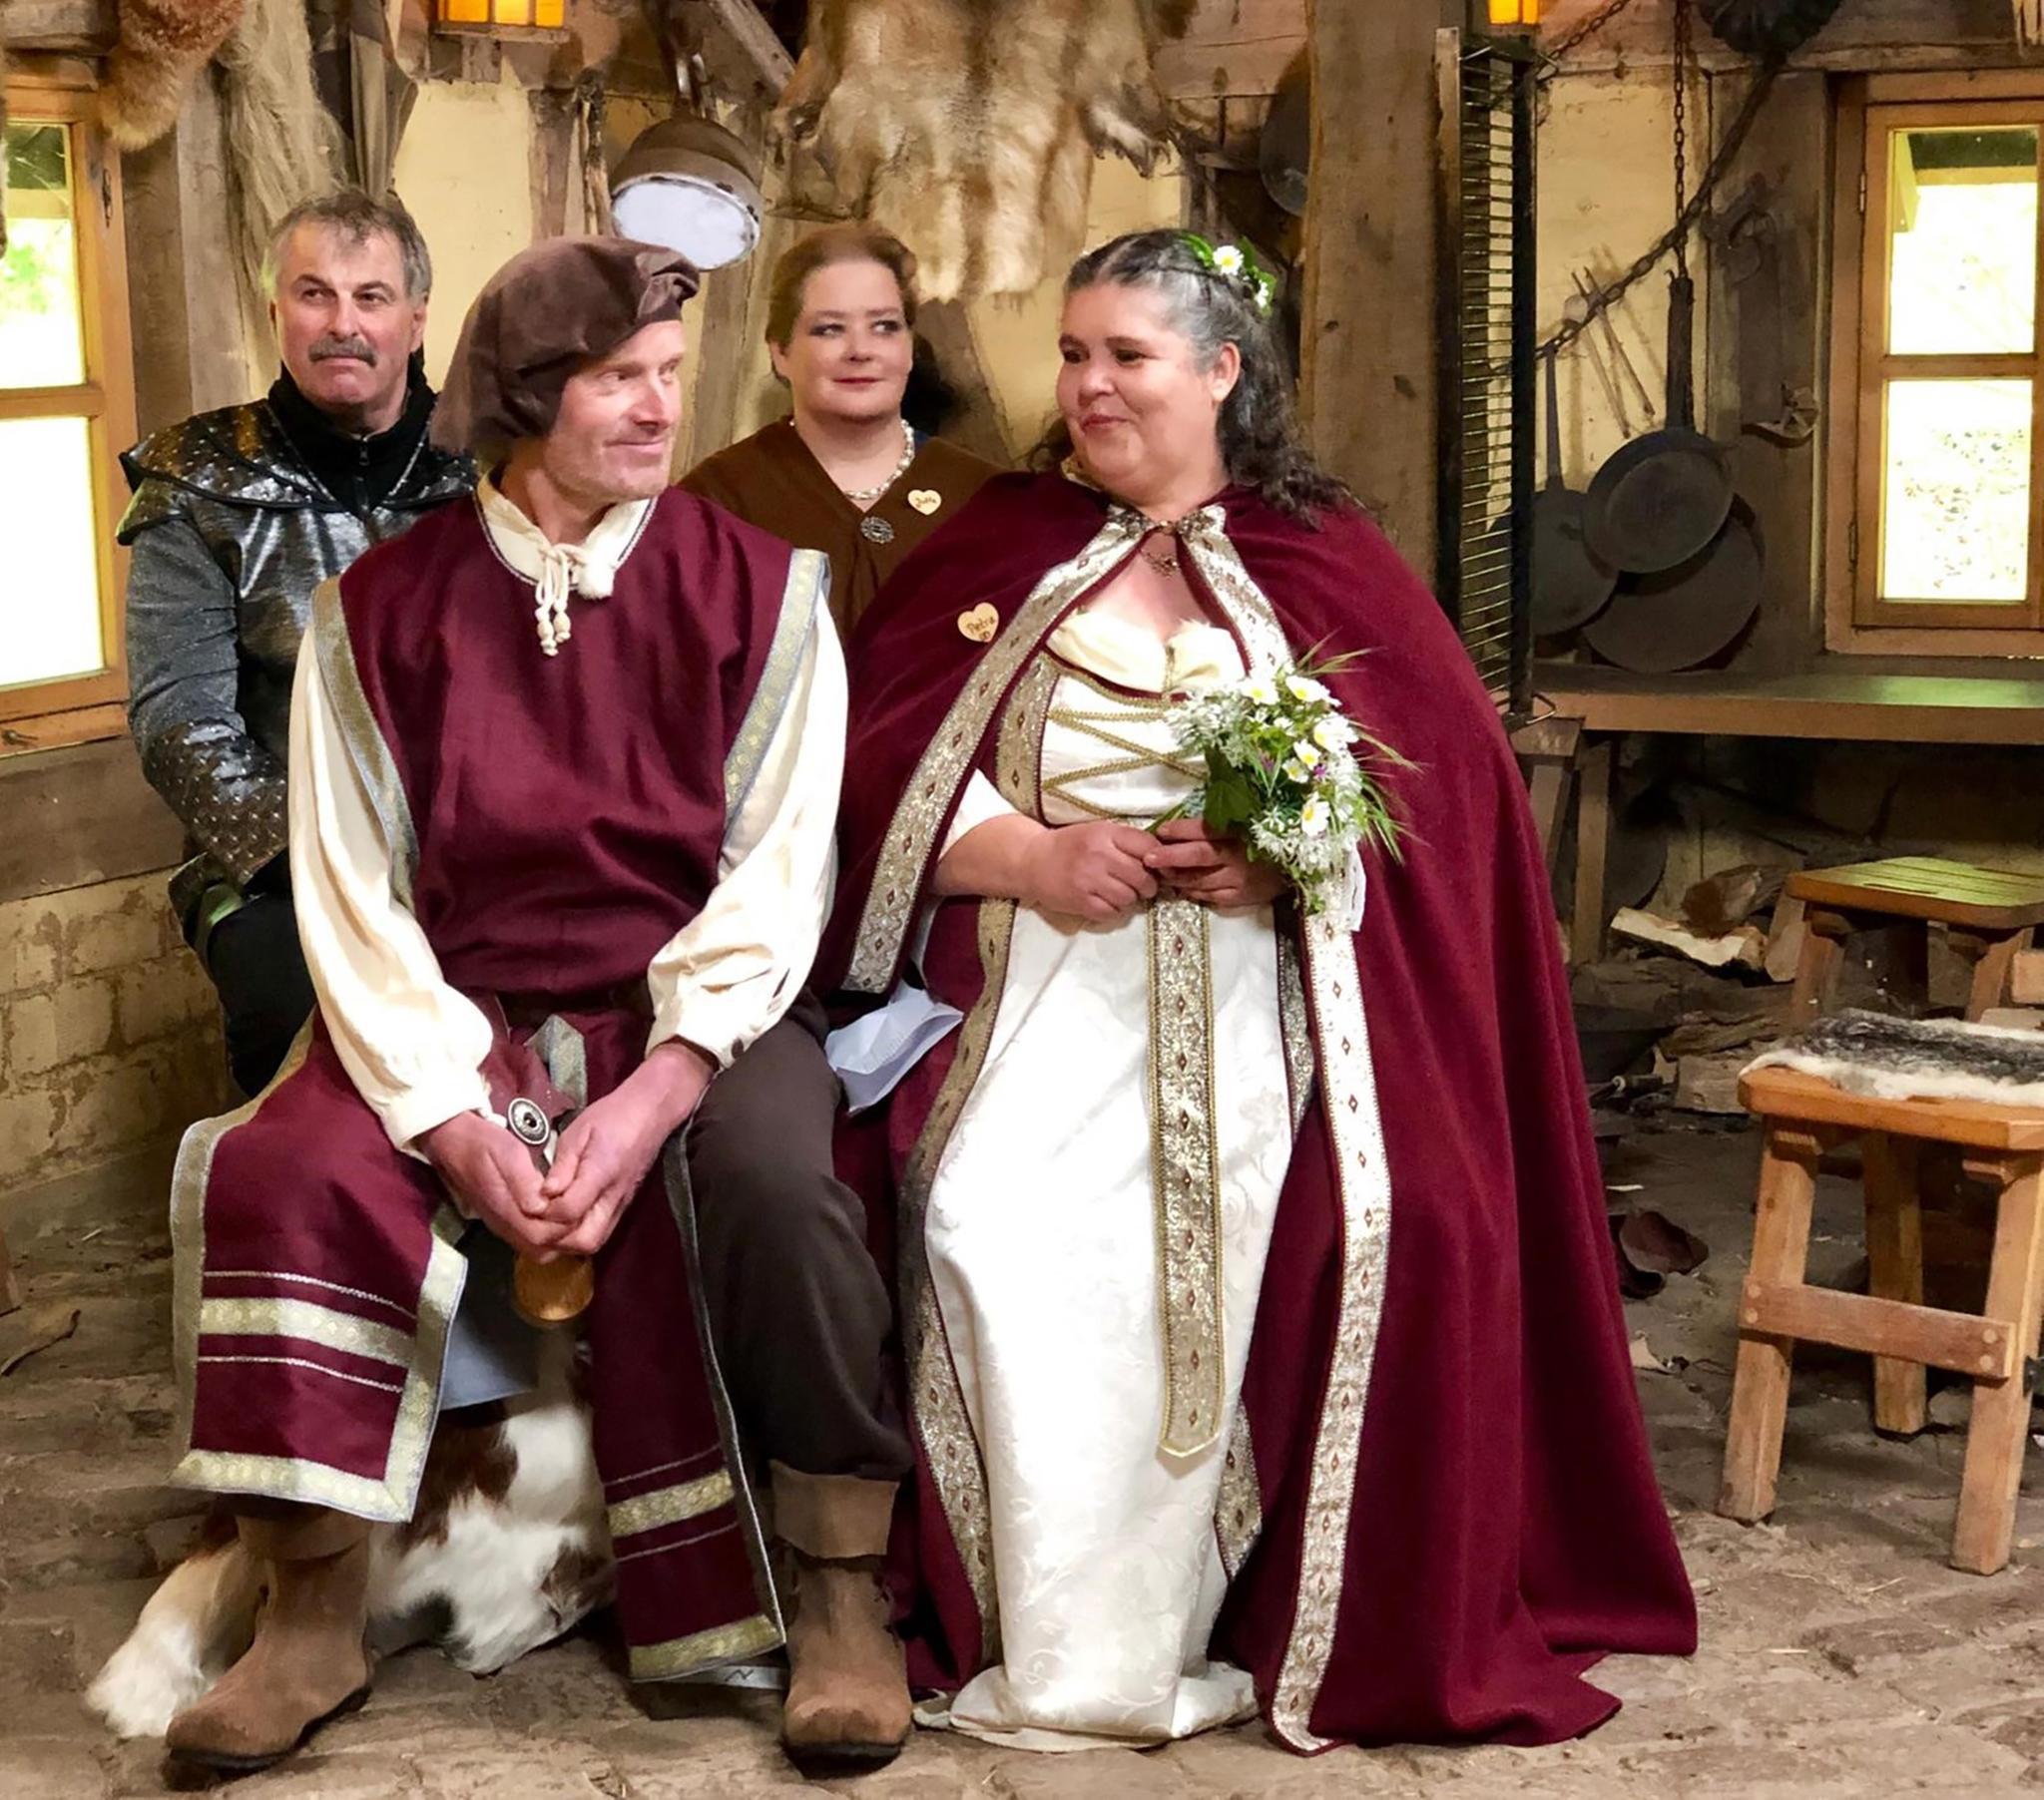 Romantische Mittelalter-Hochzeit von Petra (rechts vorne) und Norbert (links vorne)